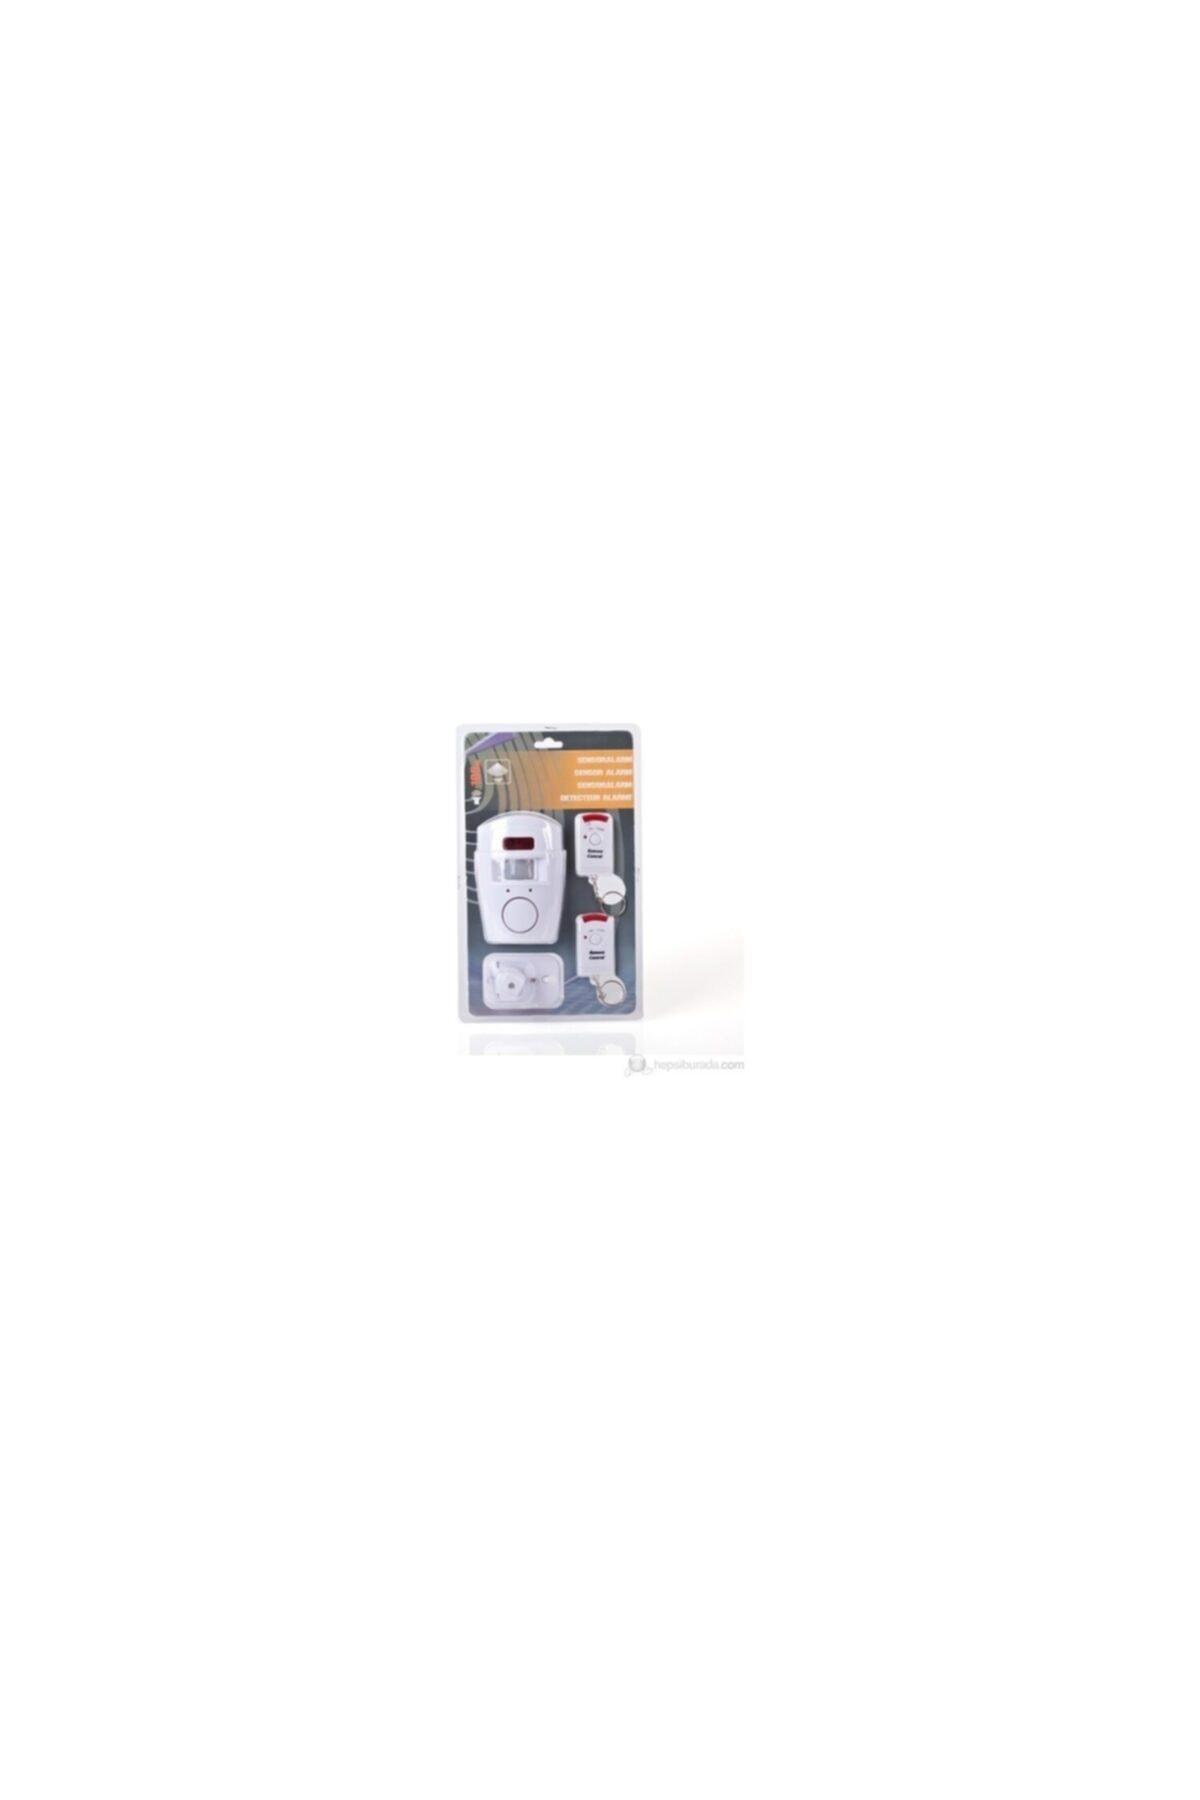 General Home Hareket Sensörlü Alarm Seti (2 Adet Uzaktan Kumandalı) 2